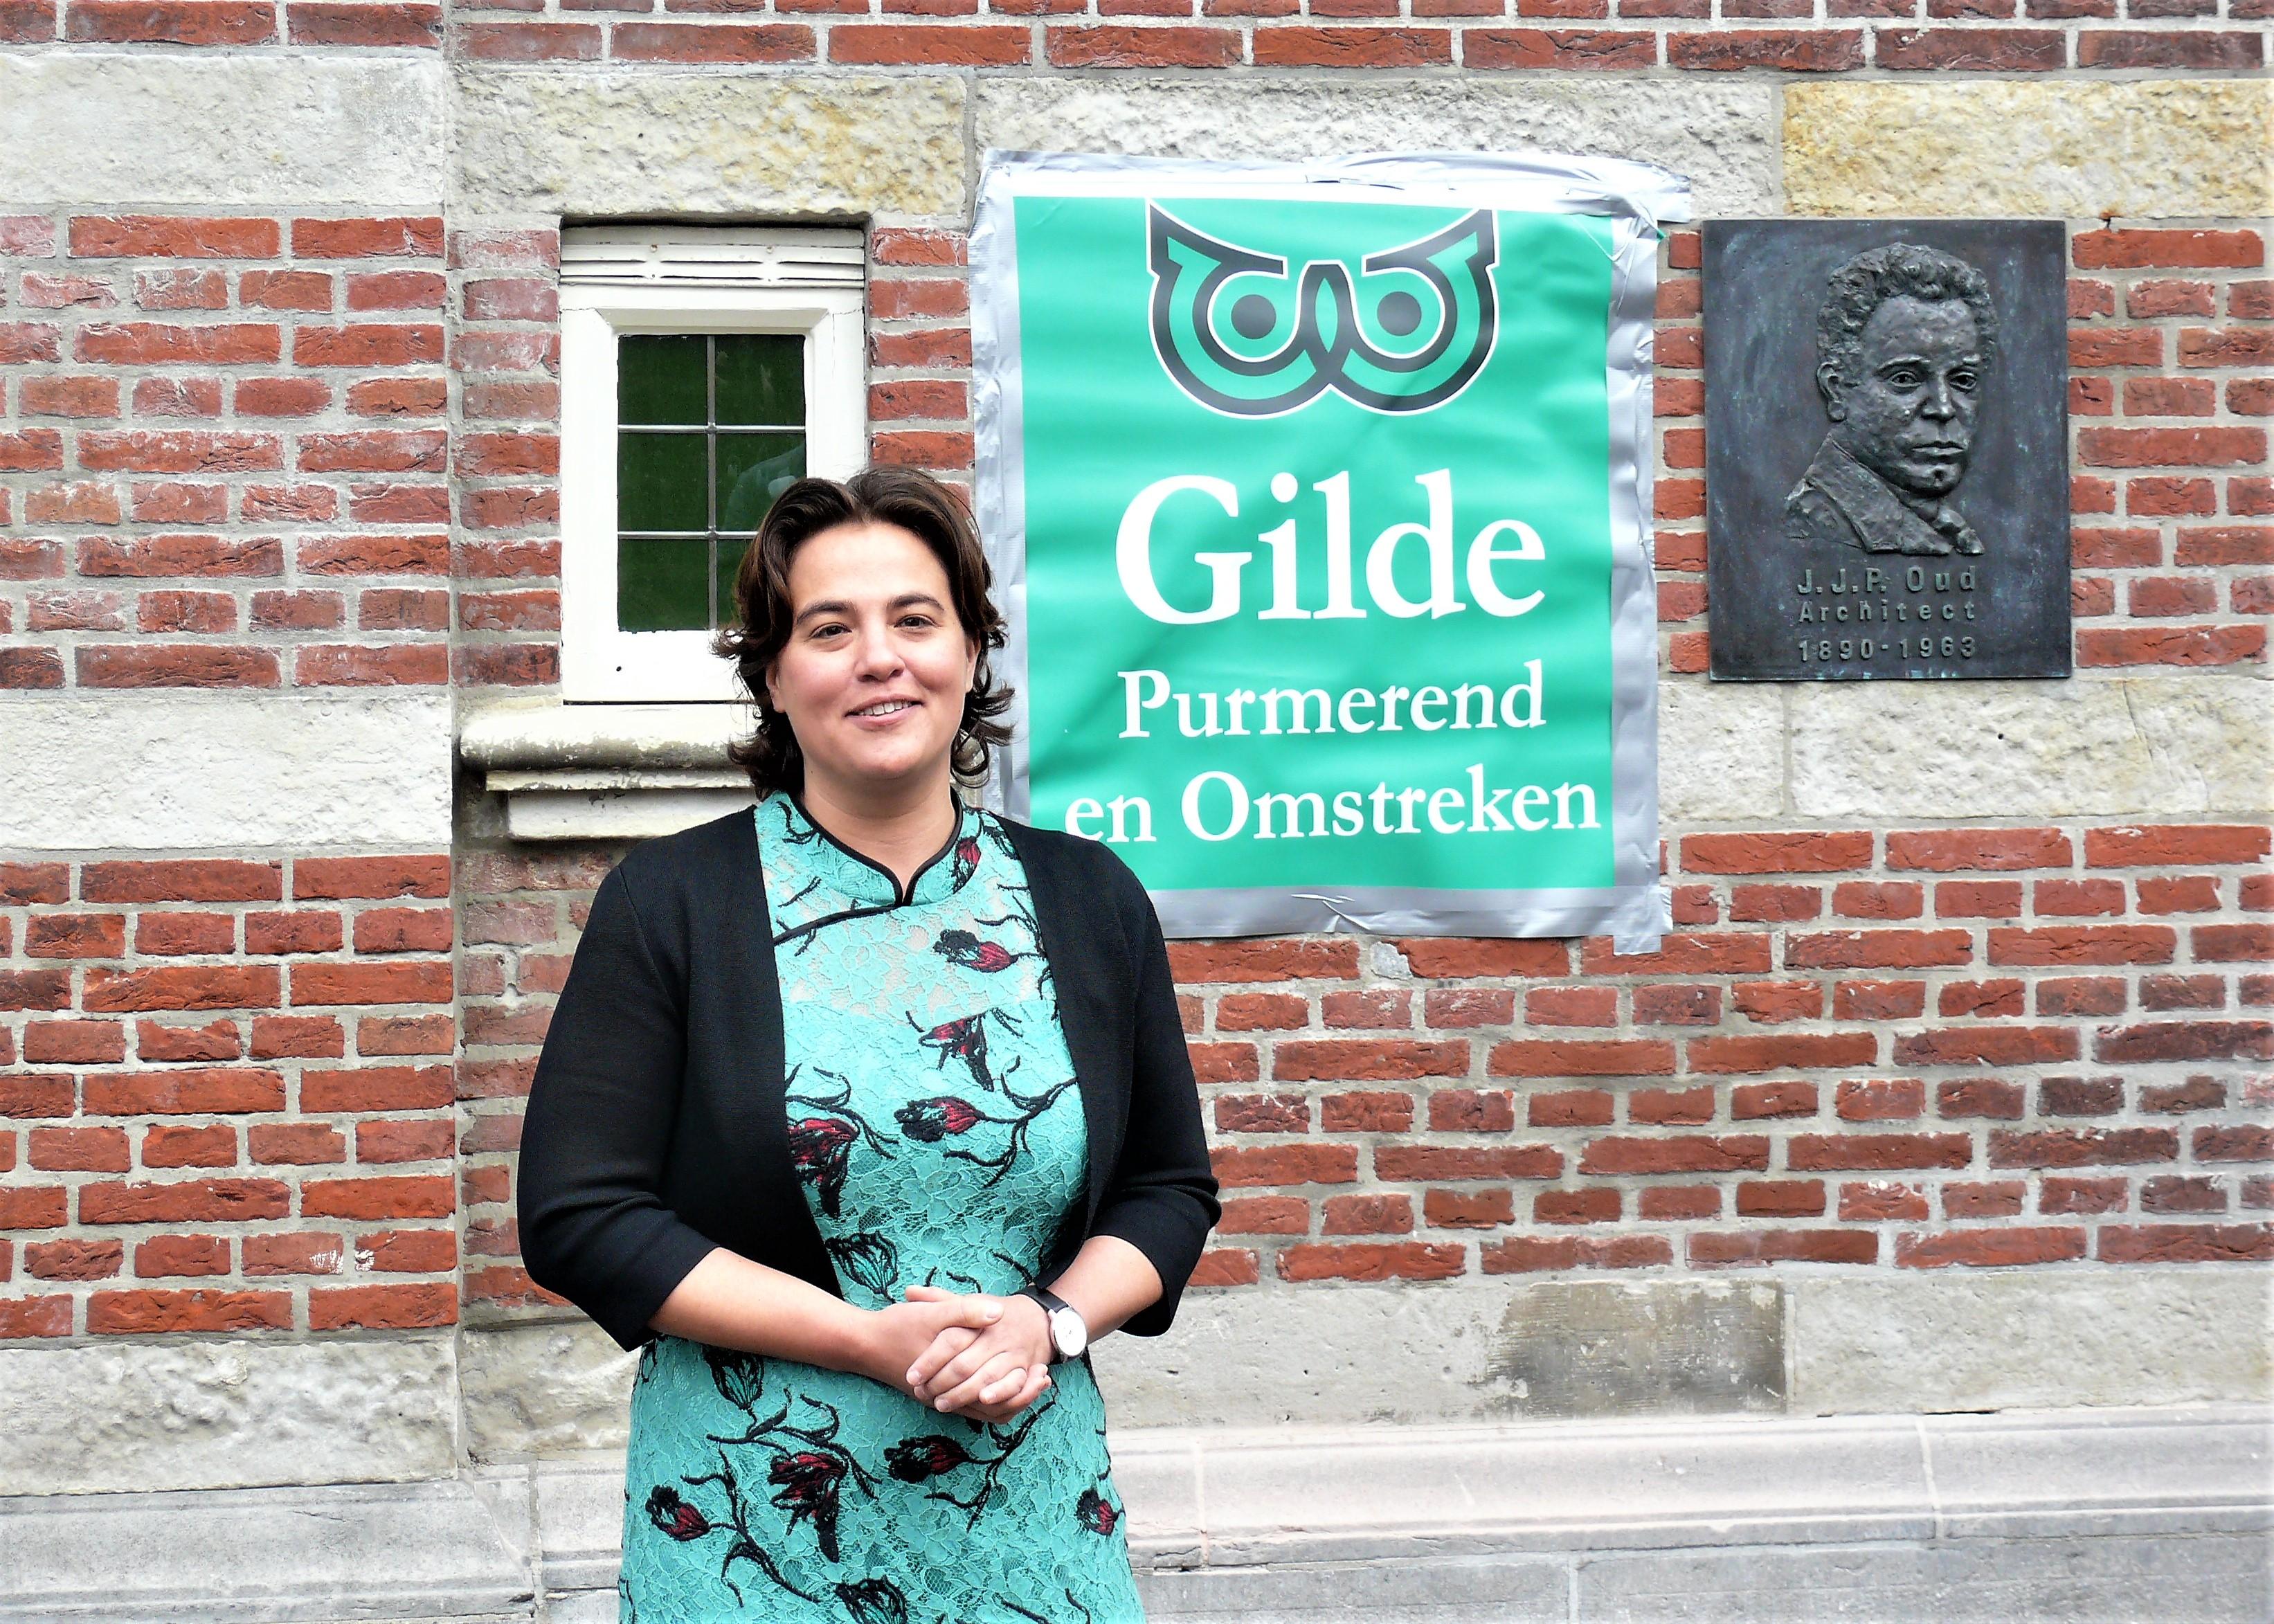 Eveline Tijmstra